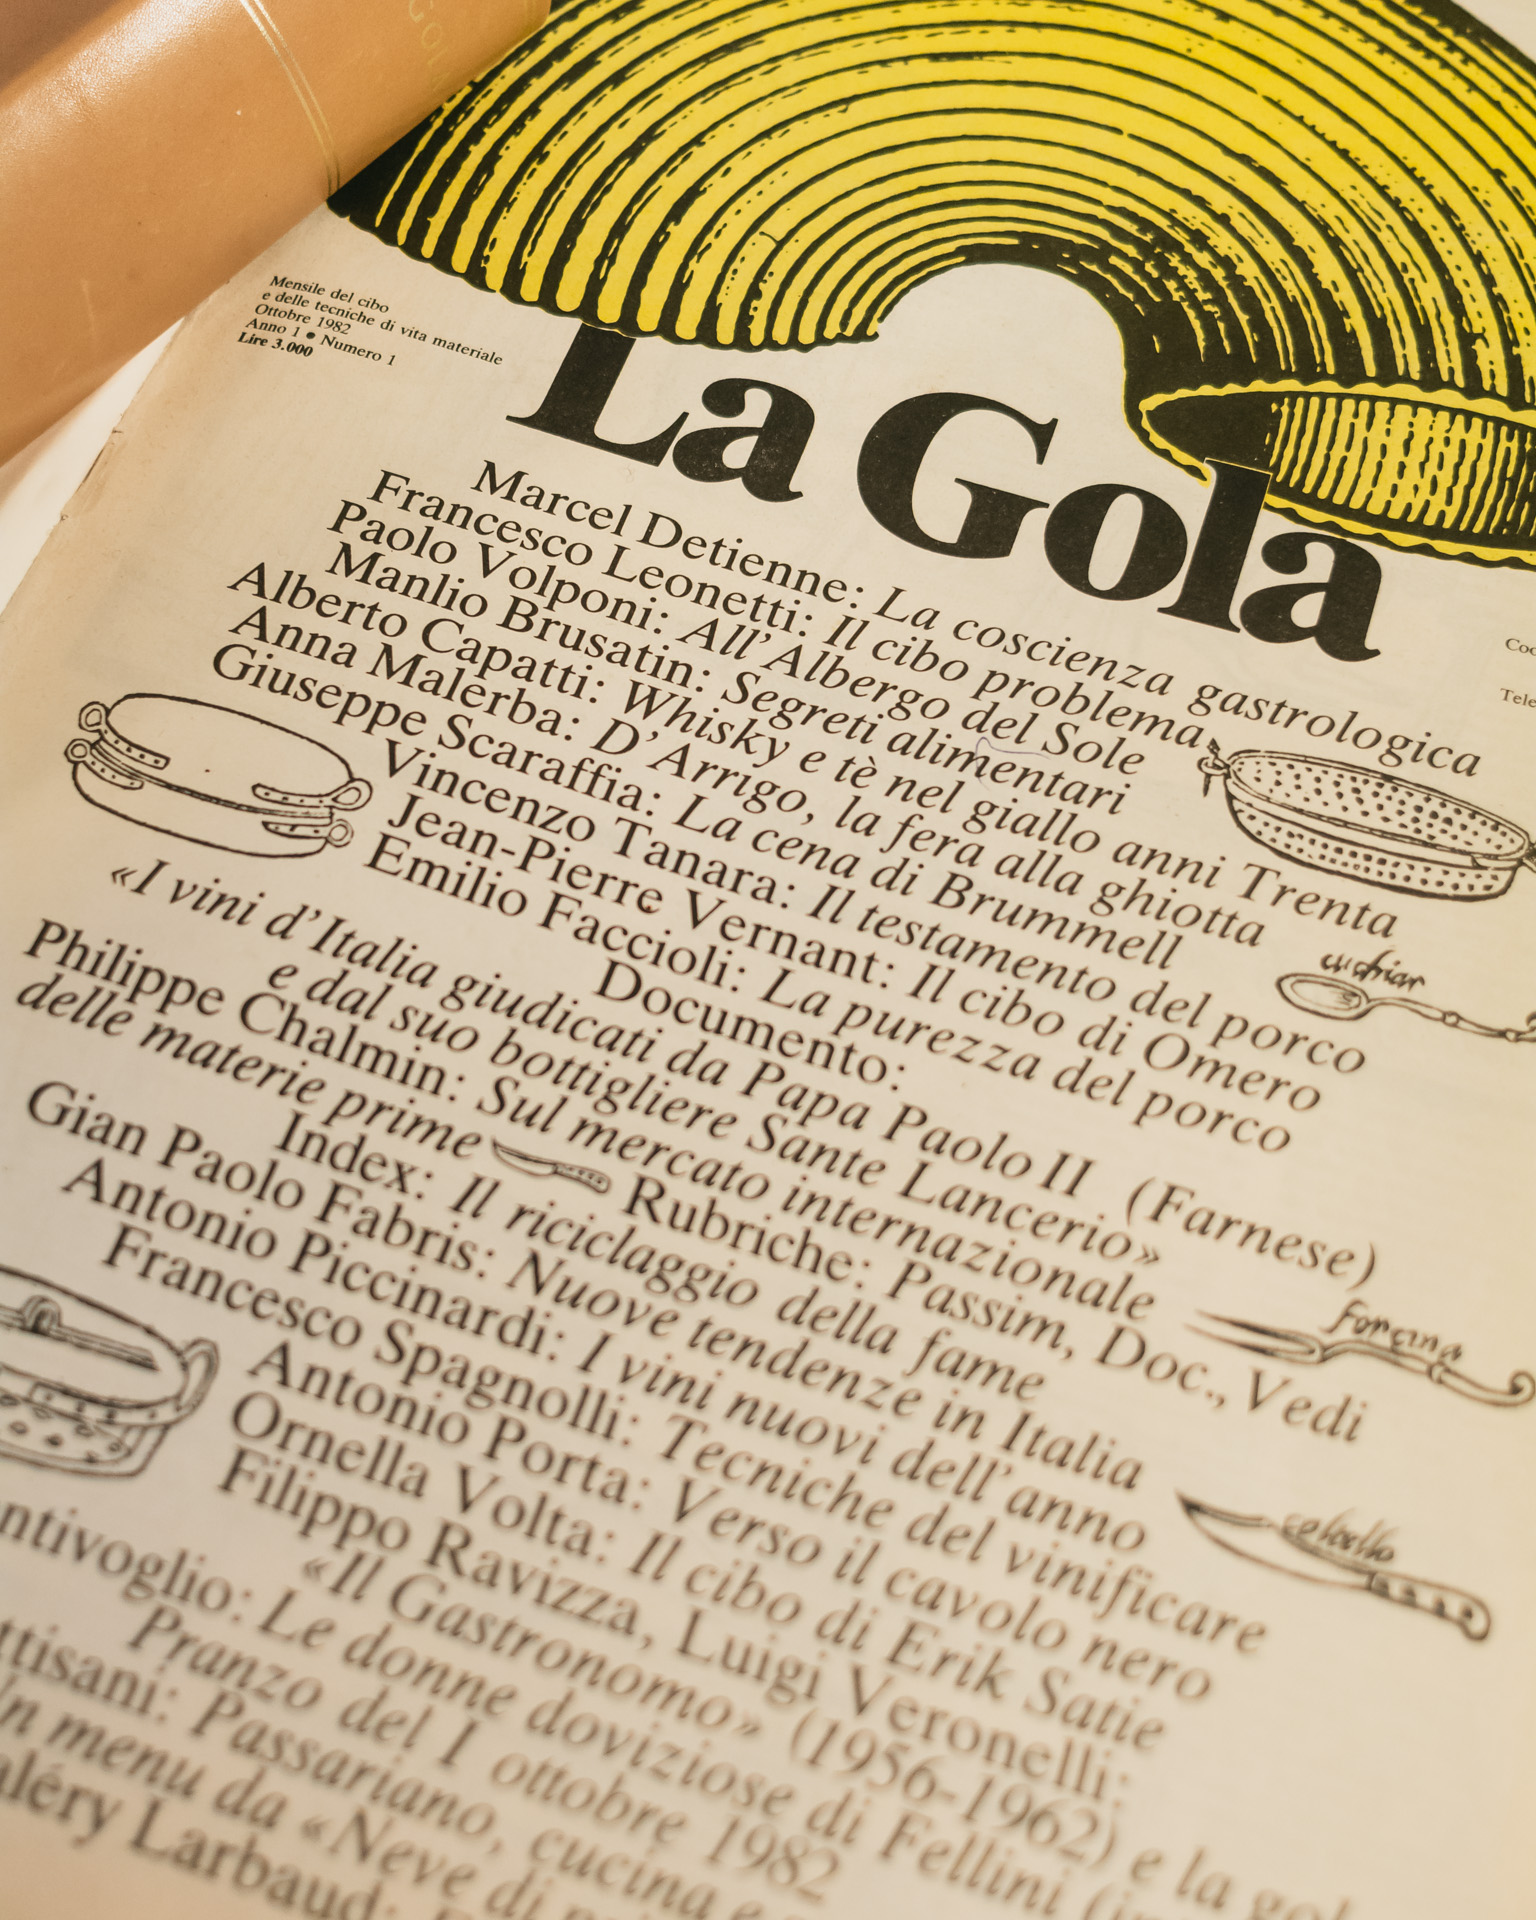 Prima edizione de La Gola